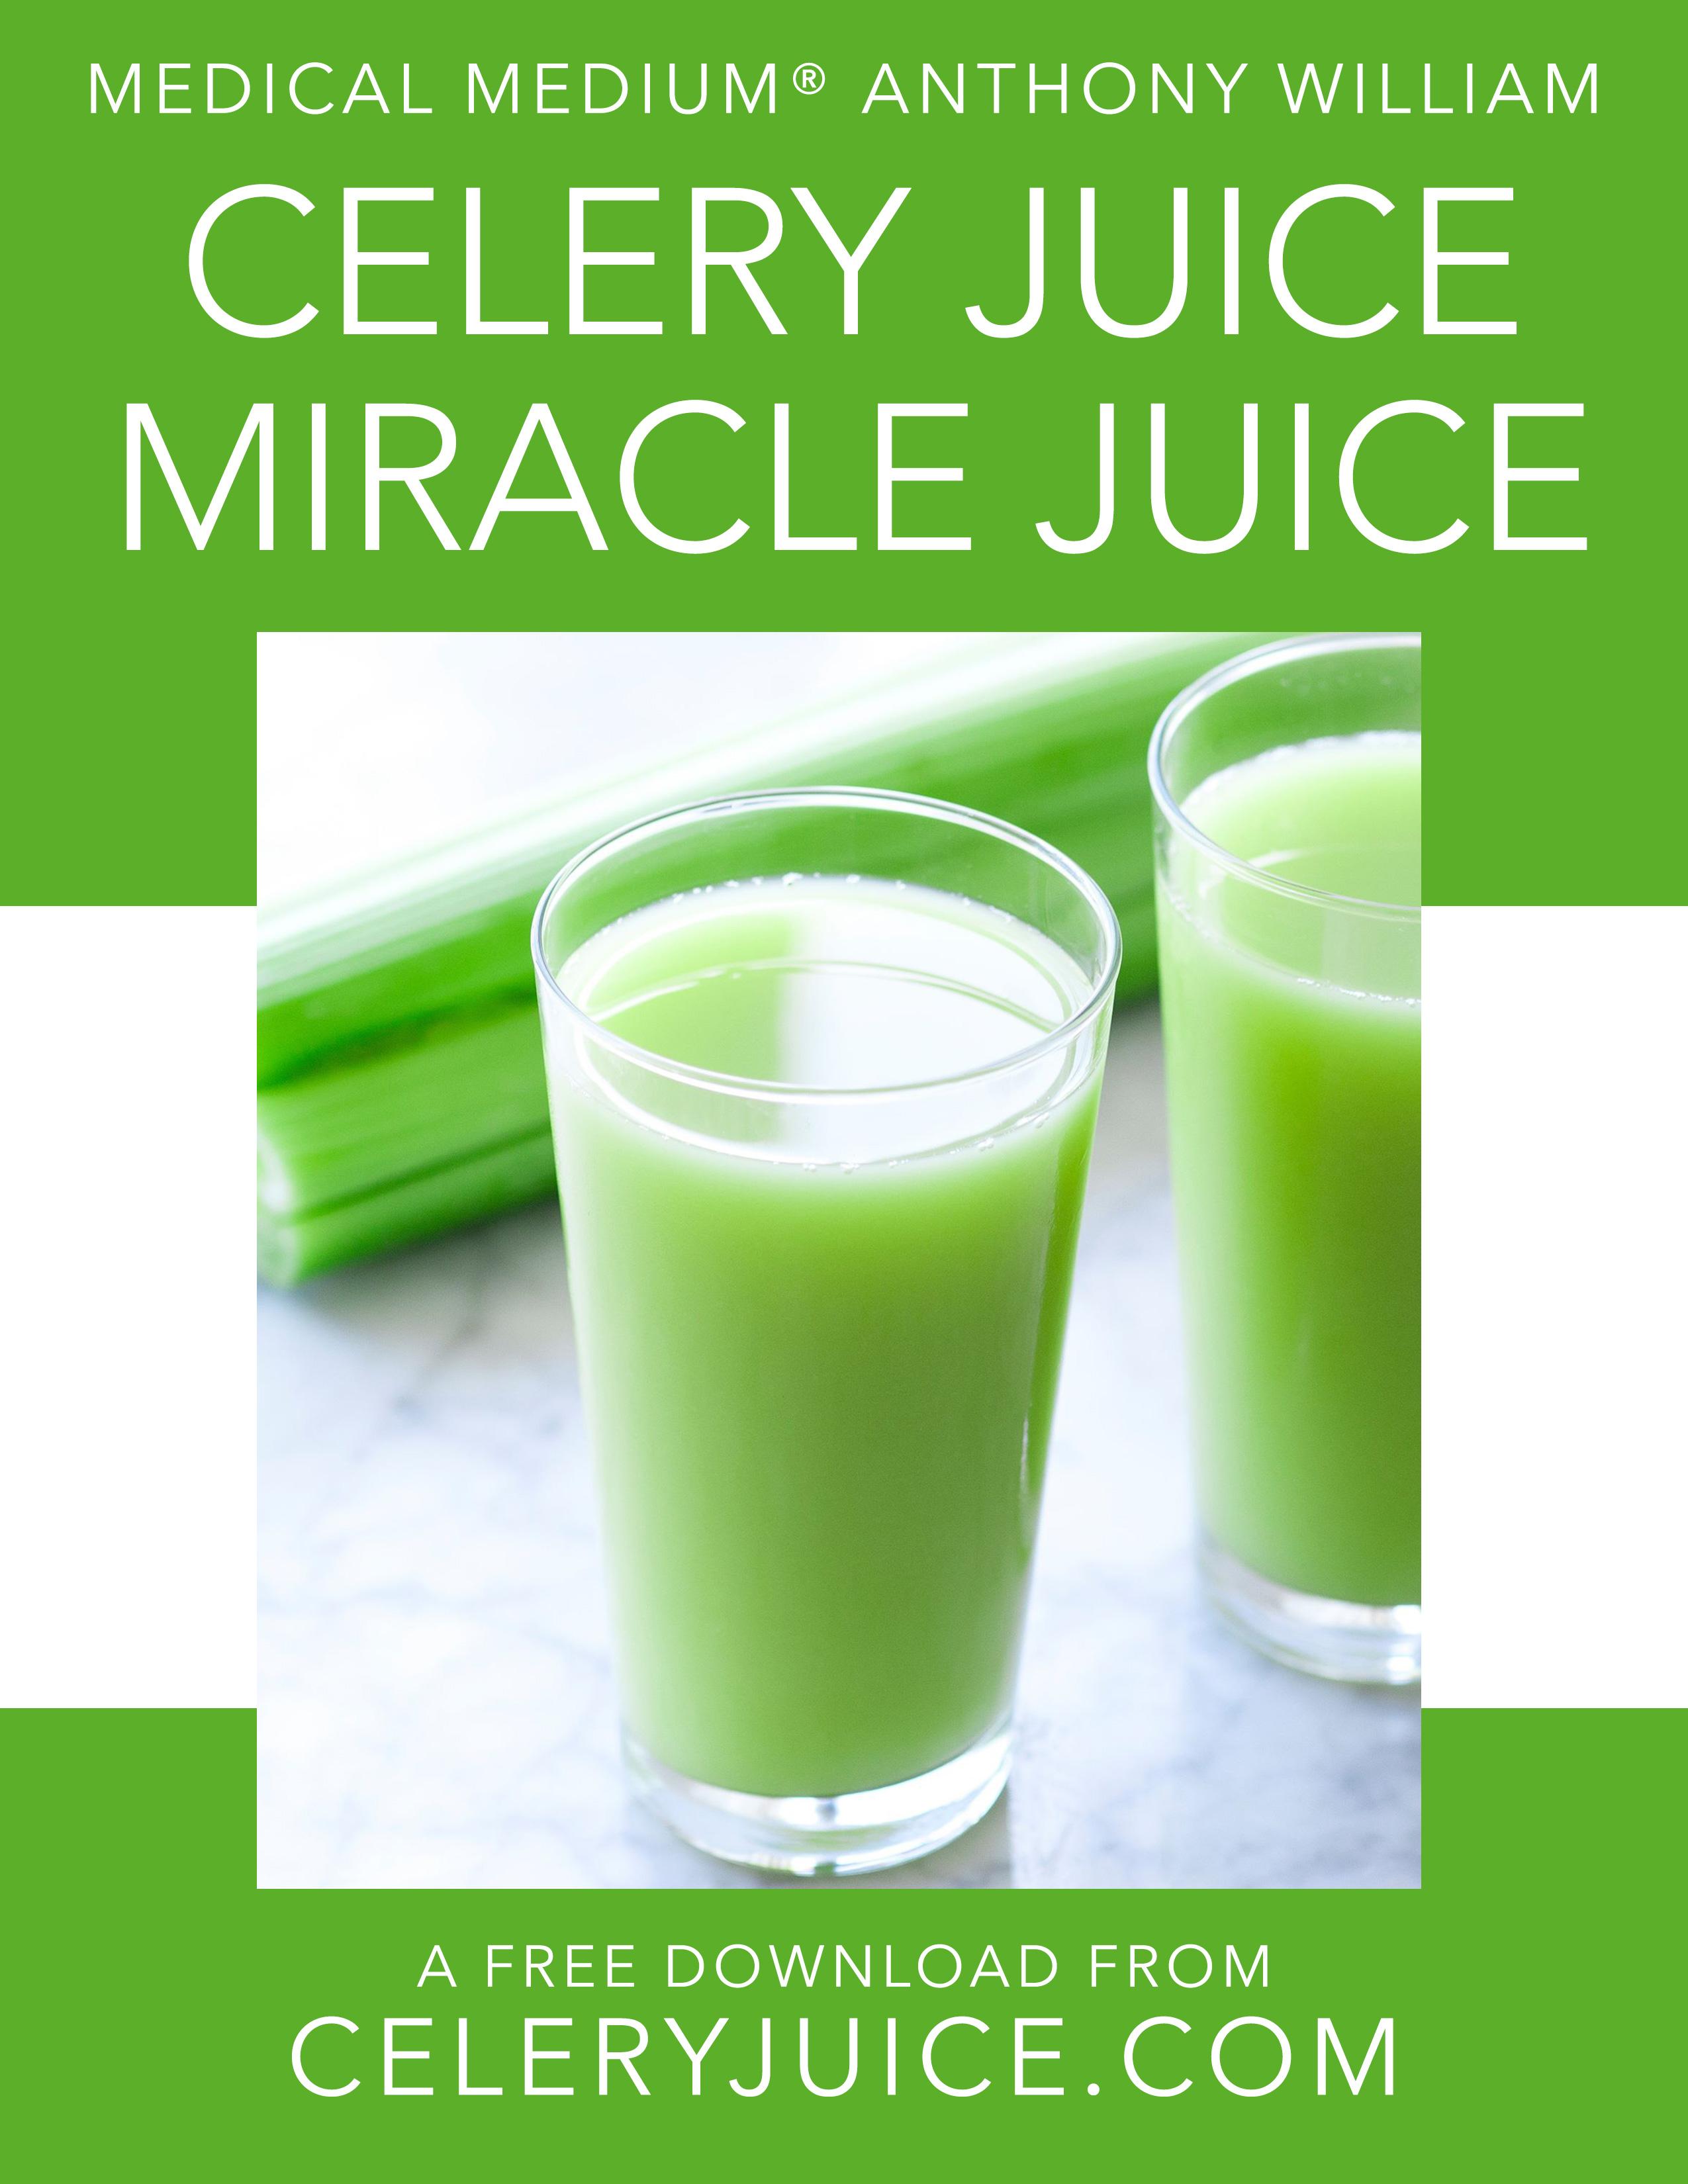 CJDL201812 – Celery Juice